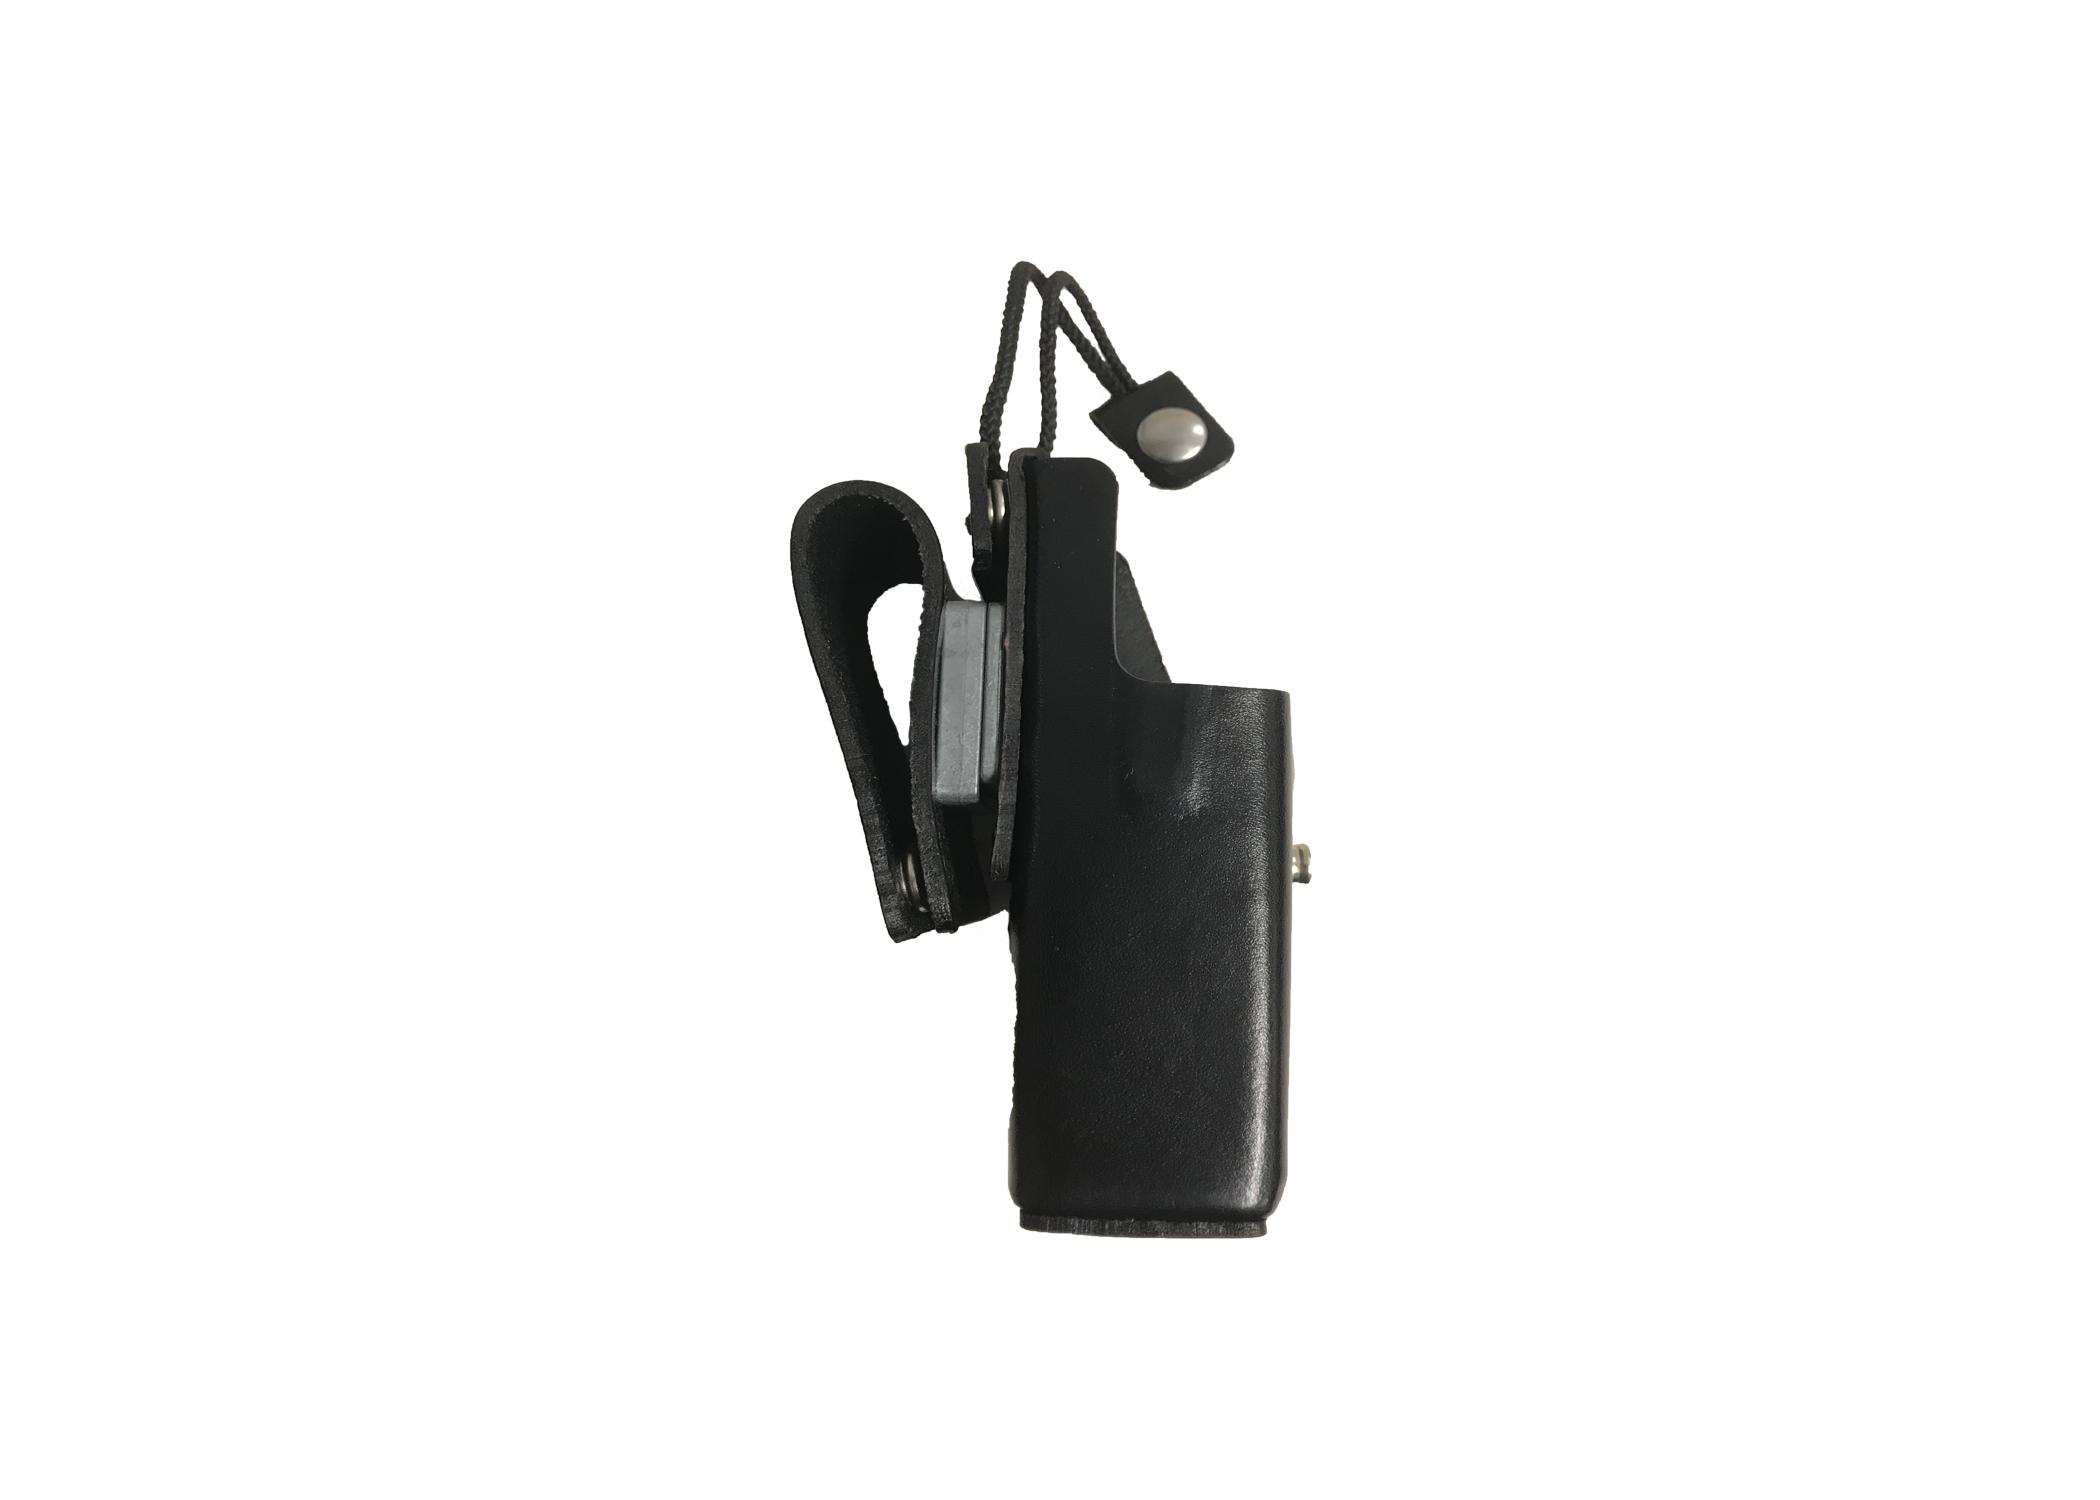 LCMP - Motorola Relm Handheld Radio Carry Case